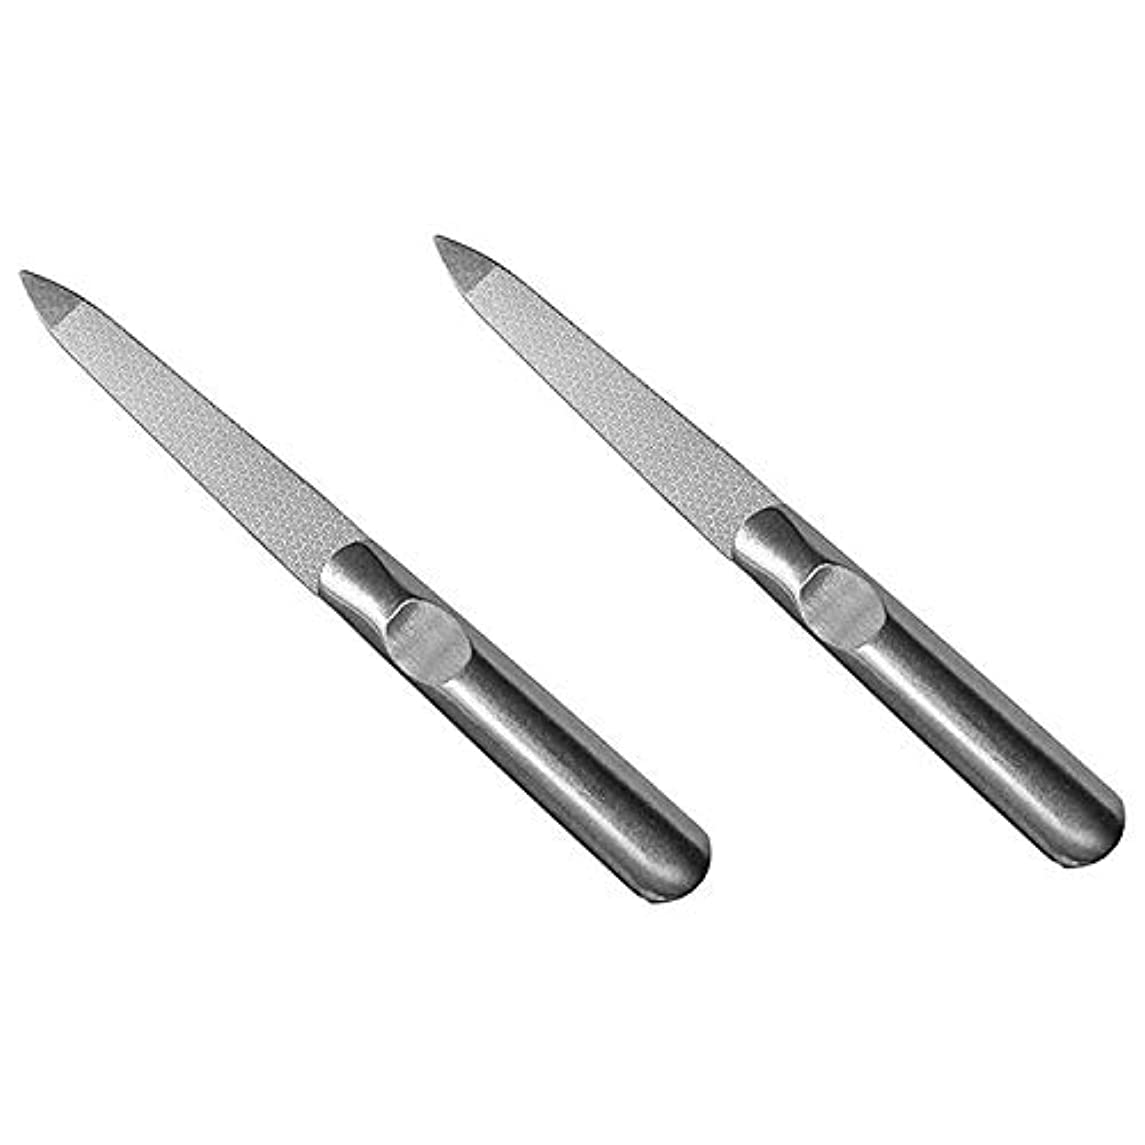 アフリカ配列除去Semoic 2個 ステンレススチール ネイルファイル 両面マット アーマー美容ツール Yangjiang爪 腐食の防止鎧